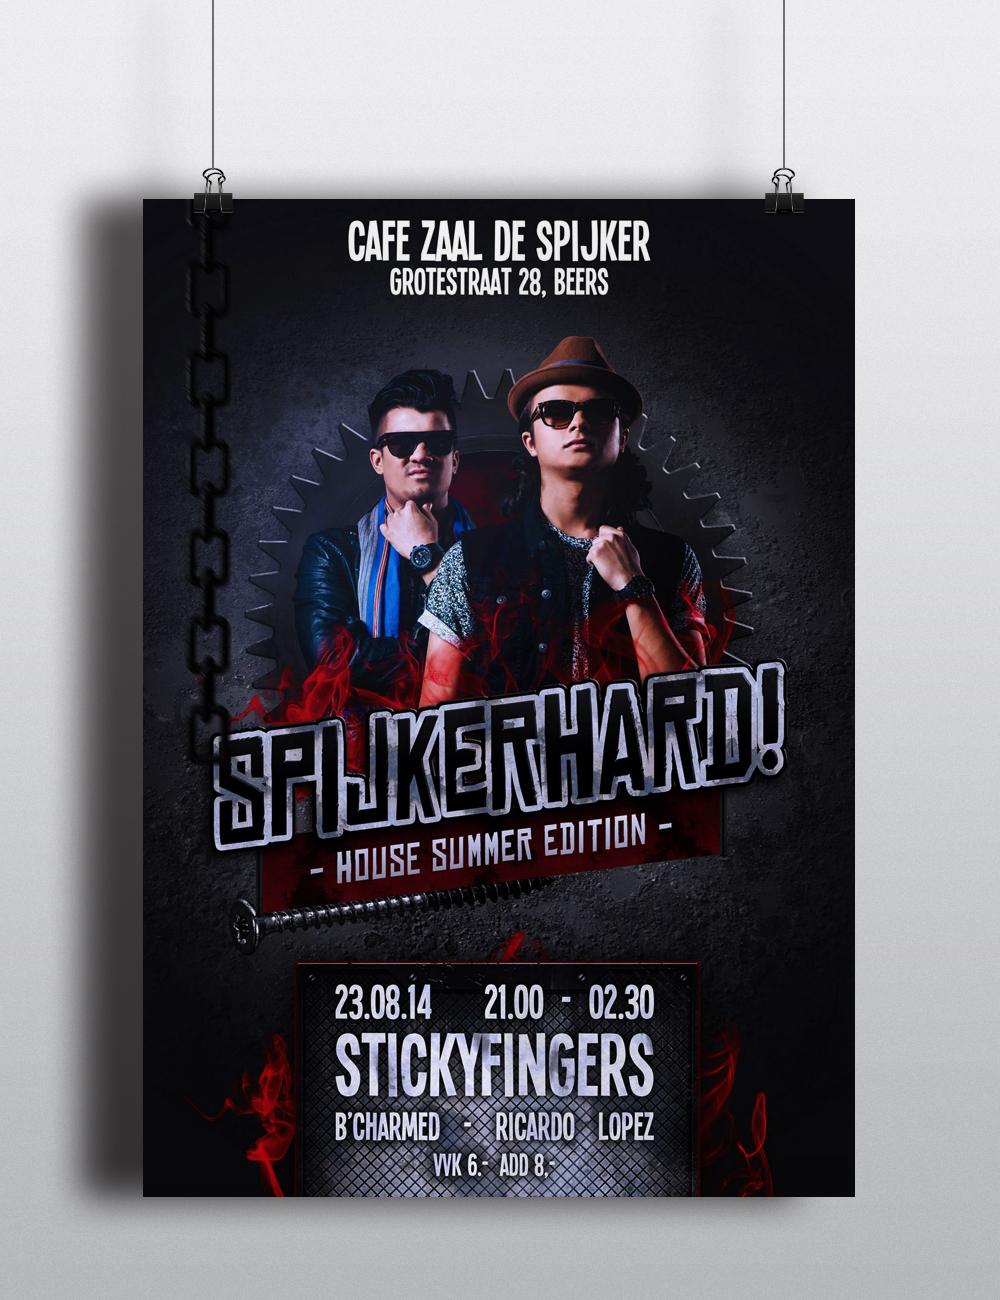 Spijkerhard - Photoshop